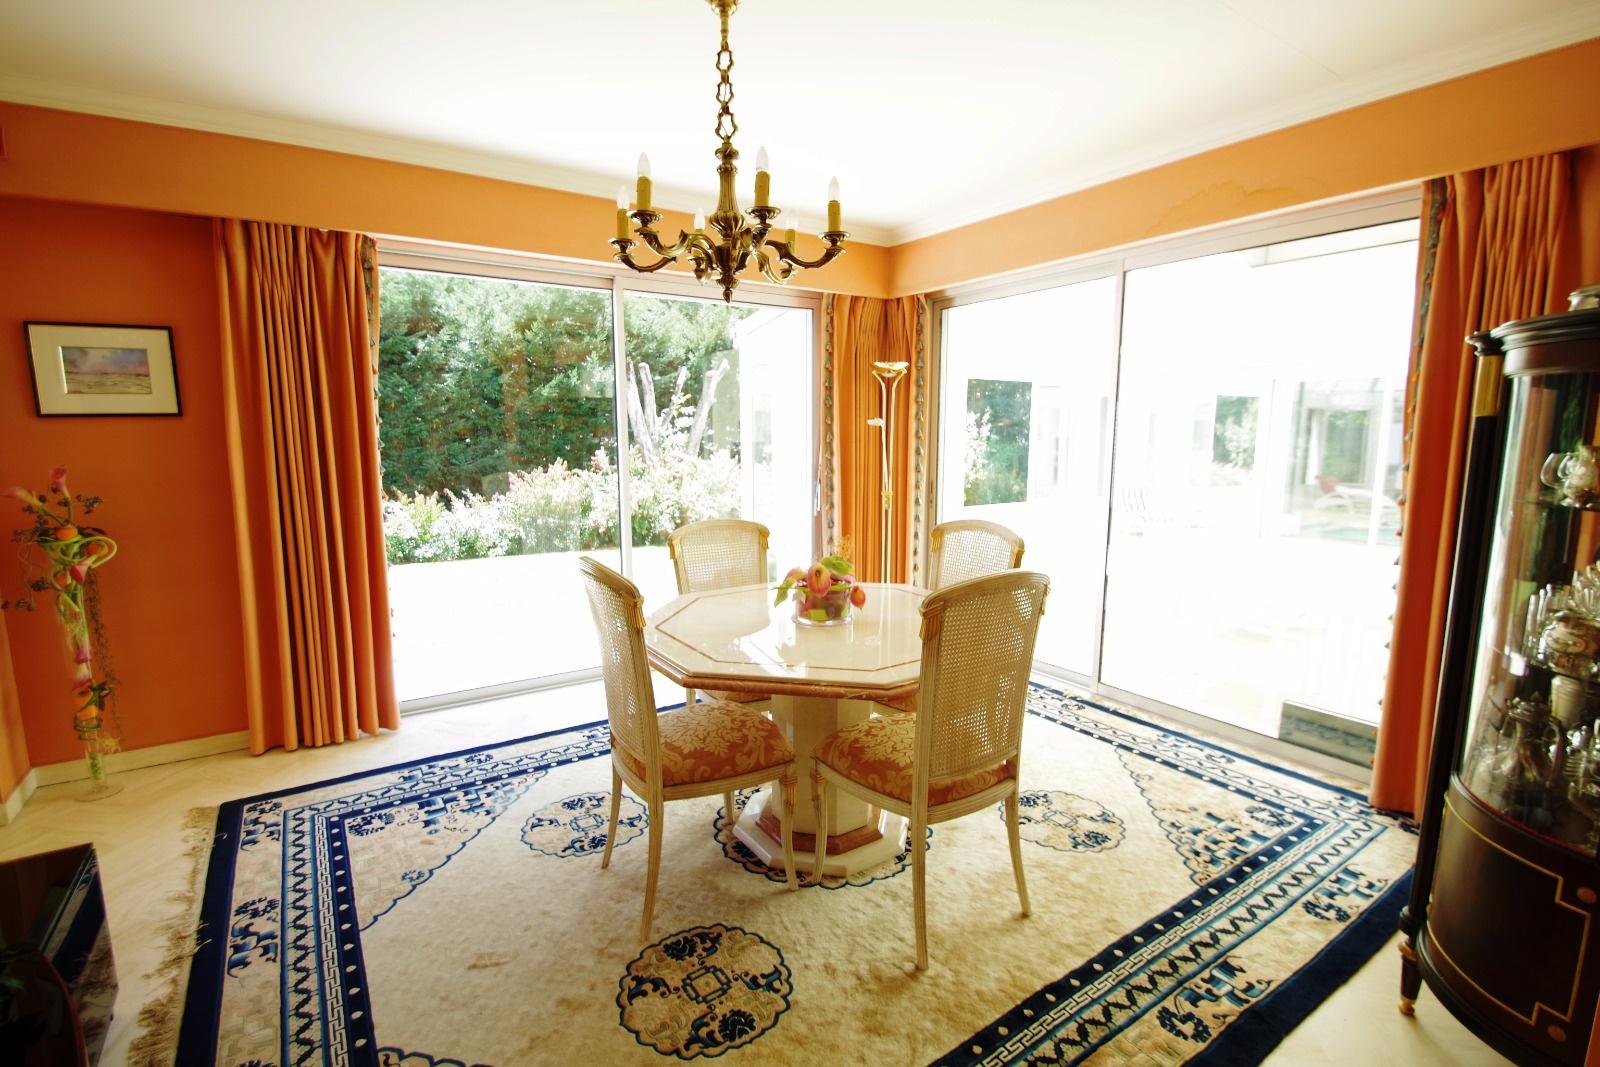 vente maison bouchemaine 8 pi ces bouchemaine 629000. Black Bedroom Furniture Sets. Home Design Ideas